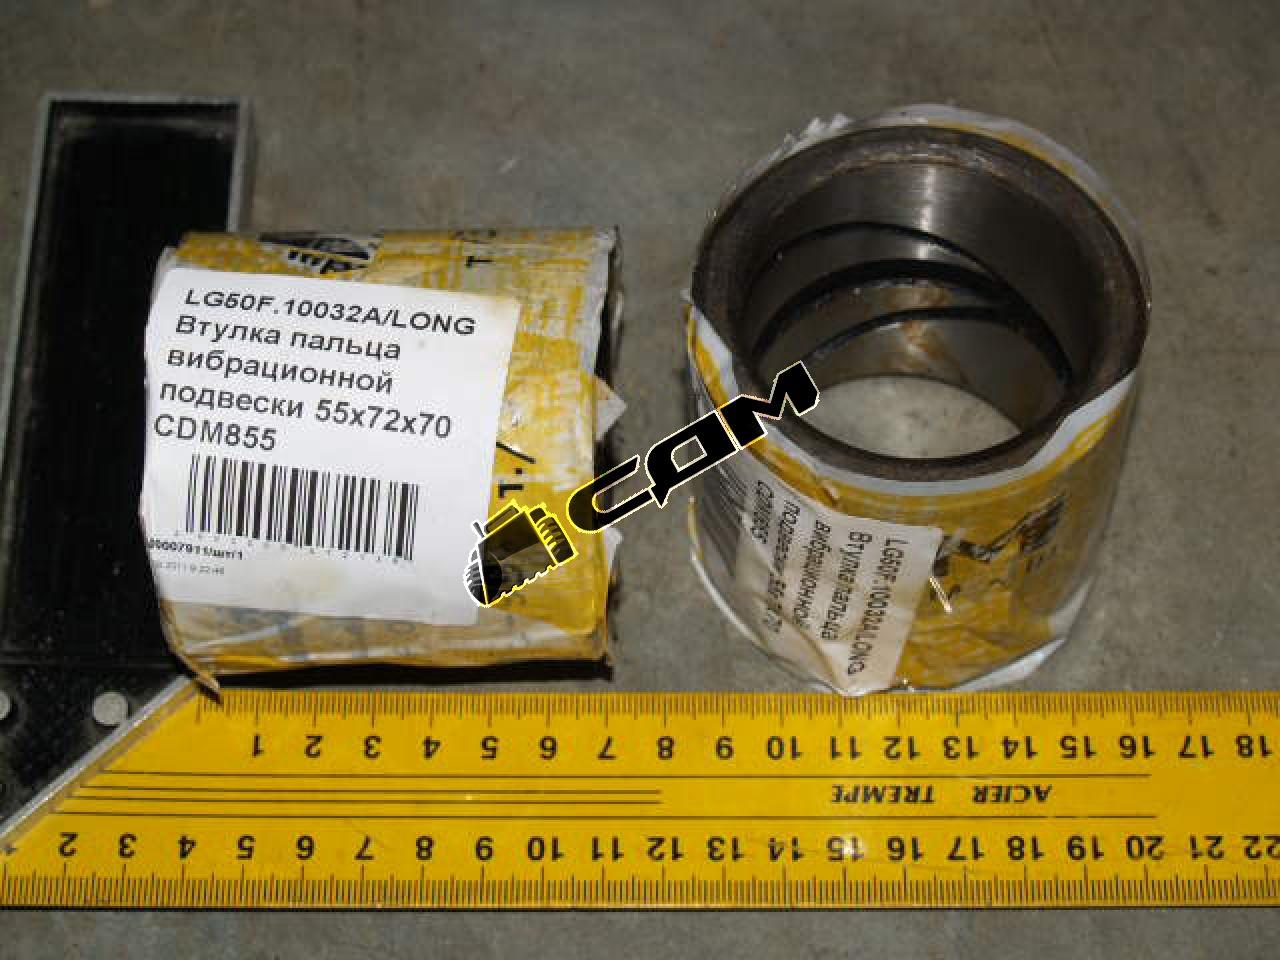 Втулка пальца вибрационной подвески 55х72х70 CDM855  LG50F.10032A